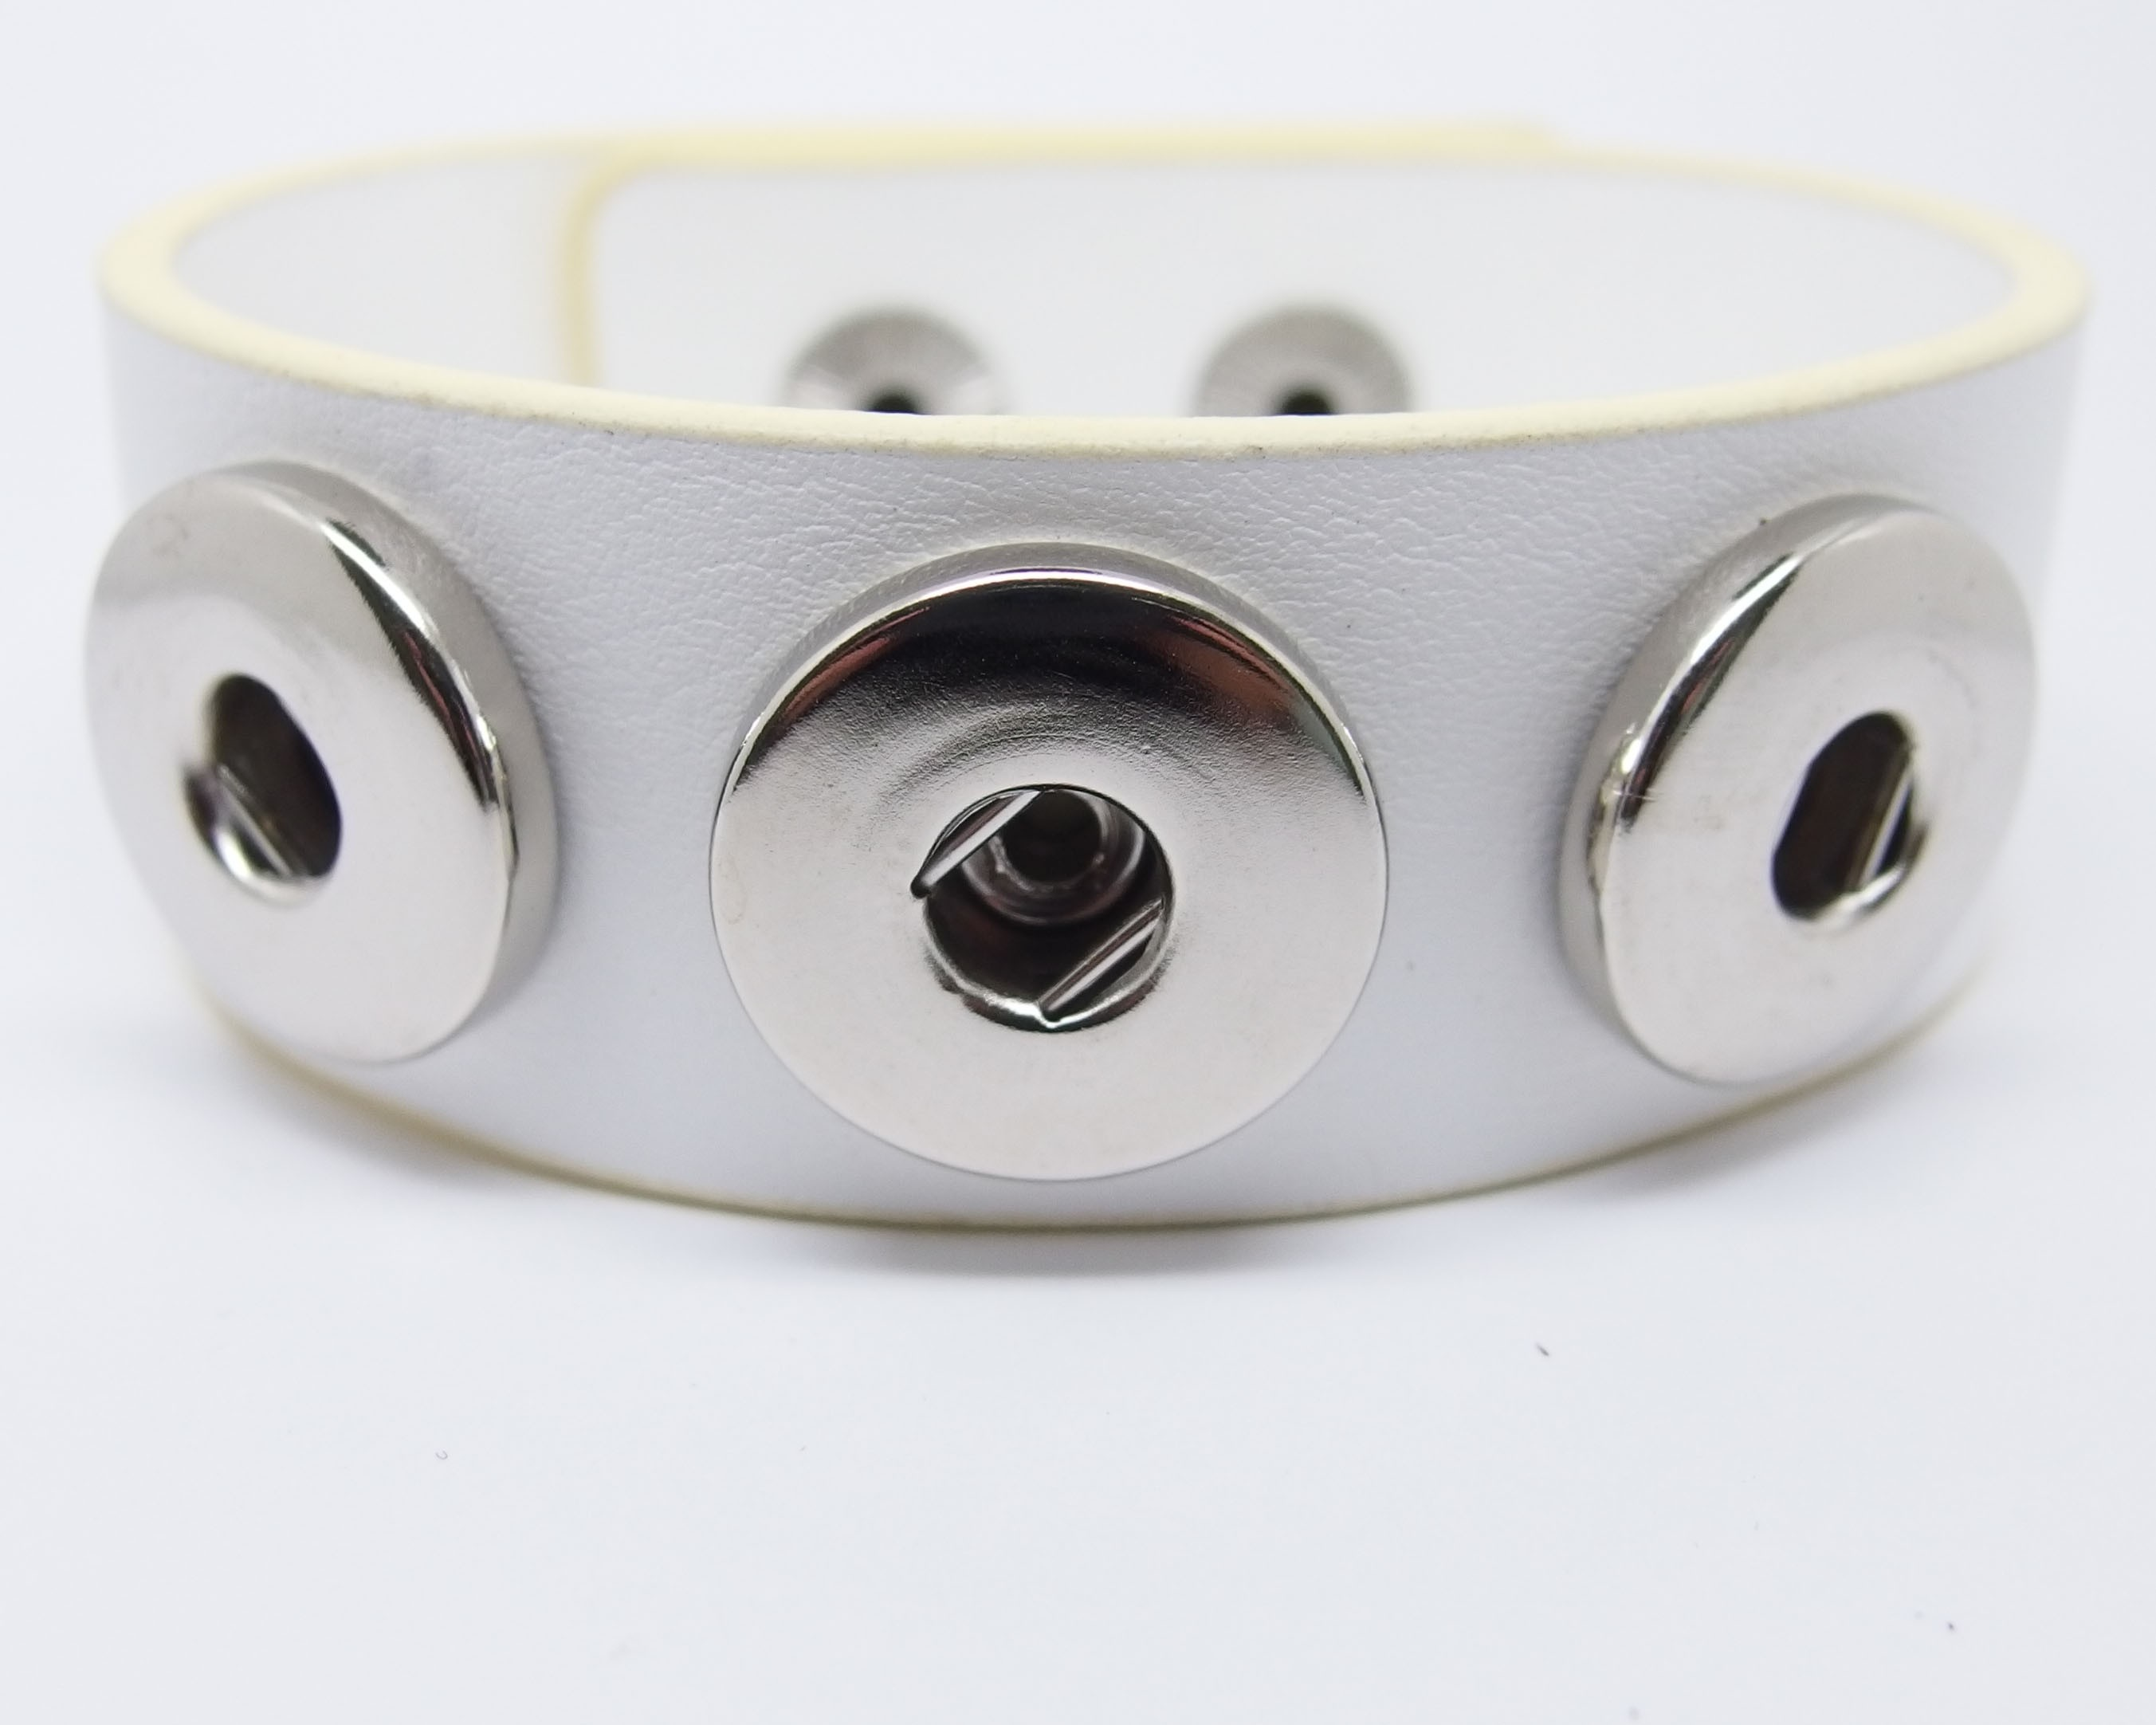 CHA004w - Armbänder für Schmuck Druckknöpfe Kunstleder 24cm weiss